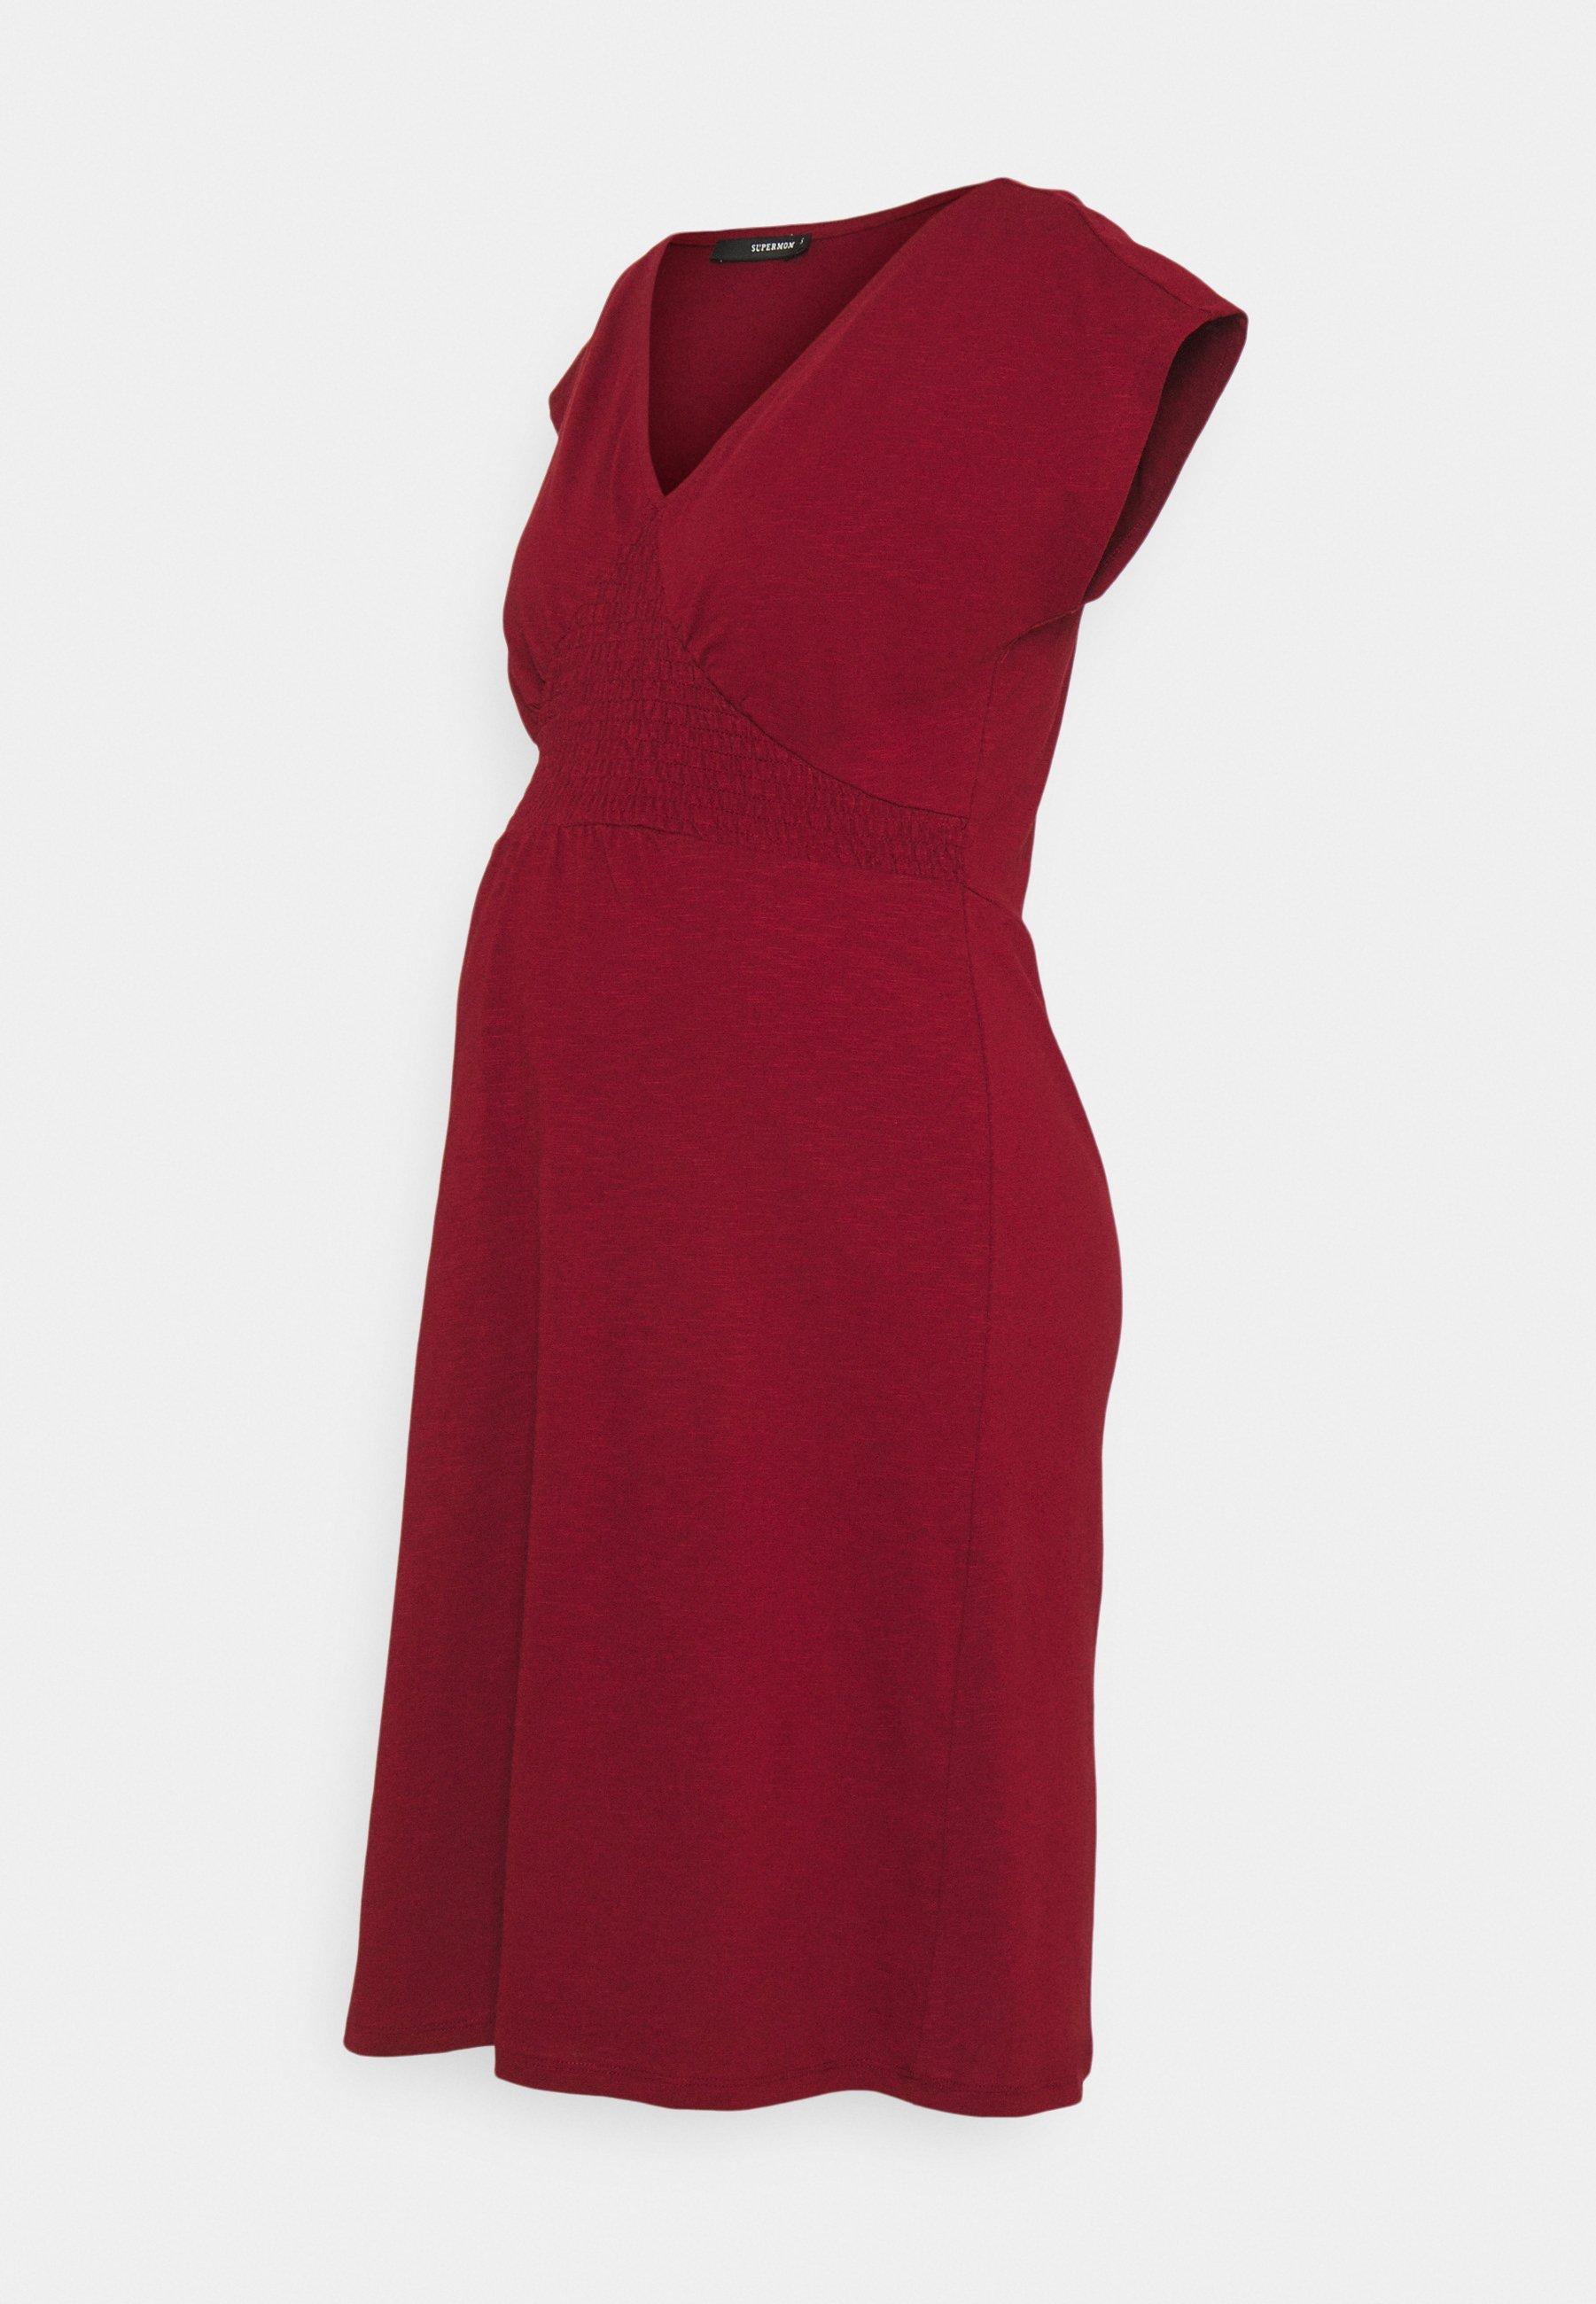 Femme DRESS SMOCK - Robe en jersey